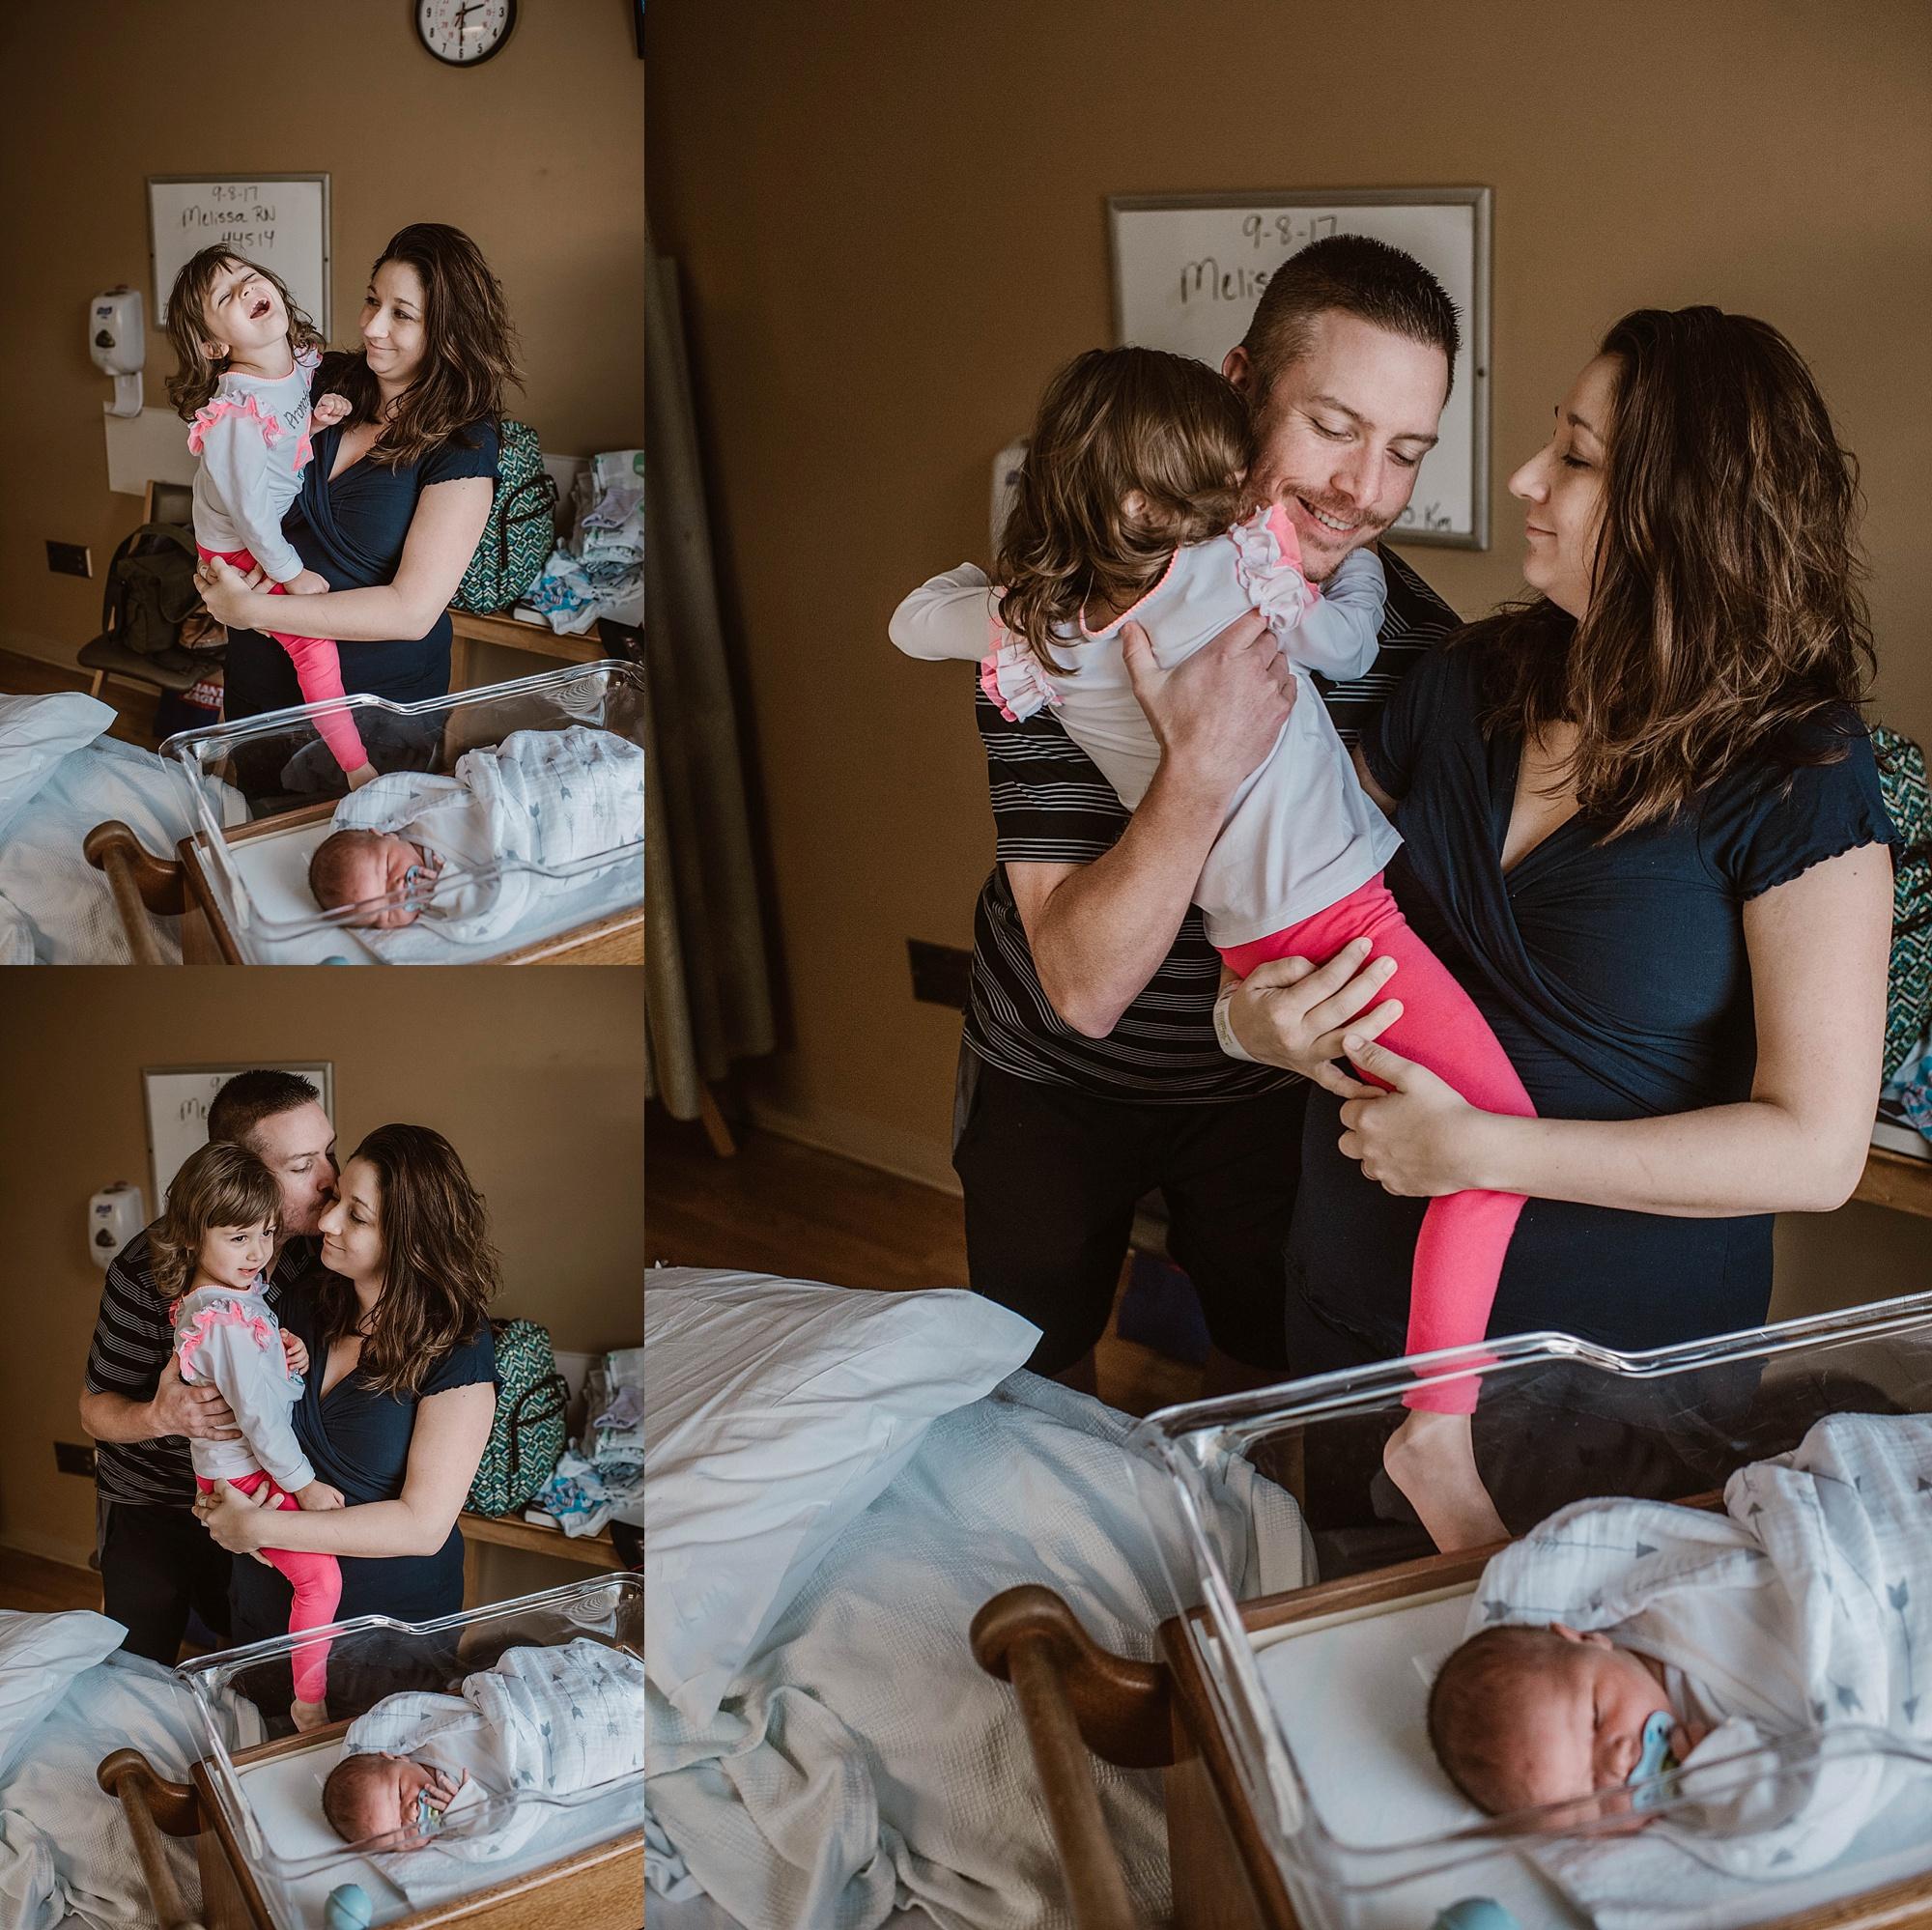 Dudones-family-cleveland-photographer-lauren-grayson-fresh-48-session_0028.jpg